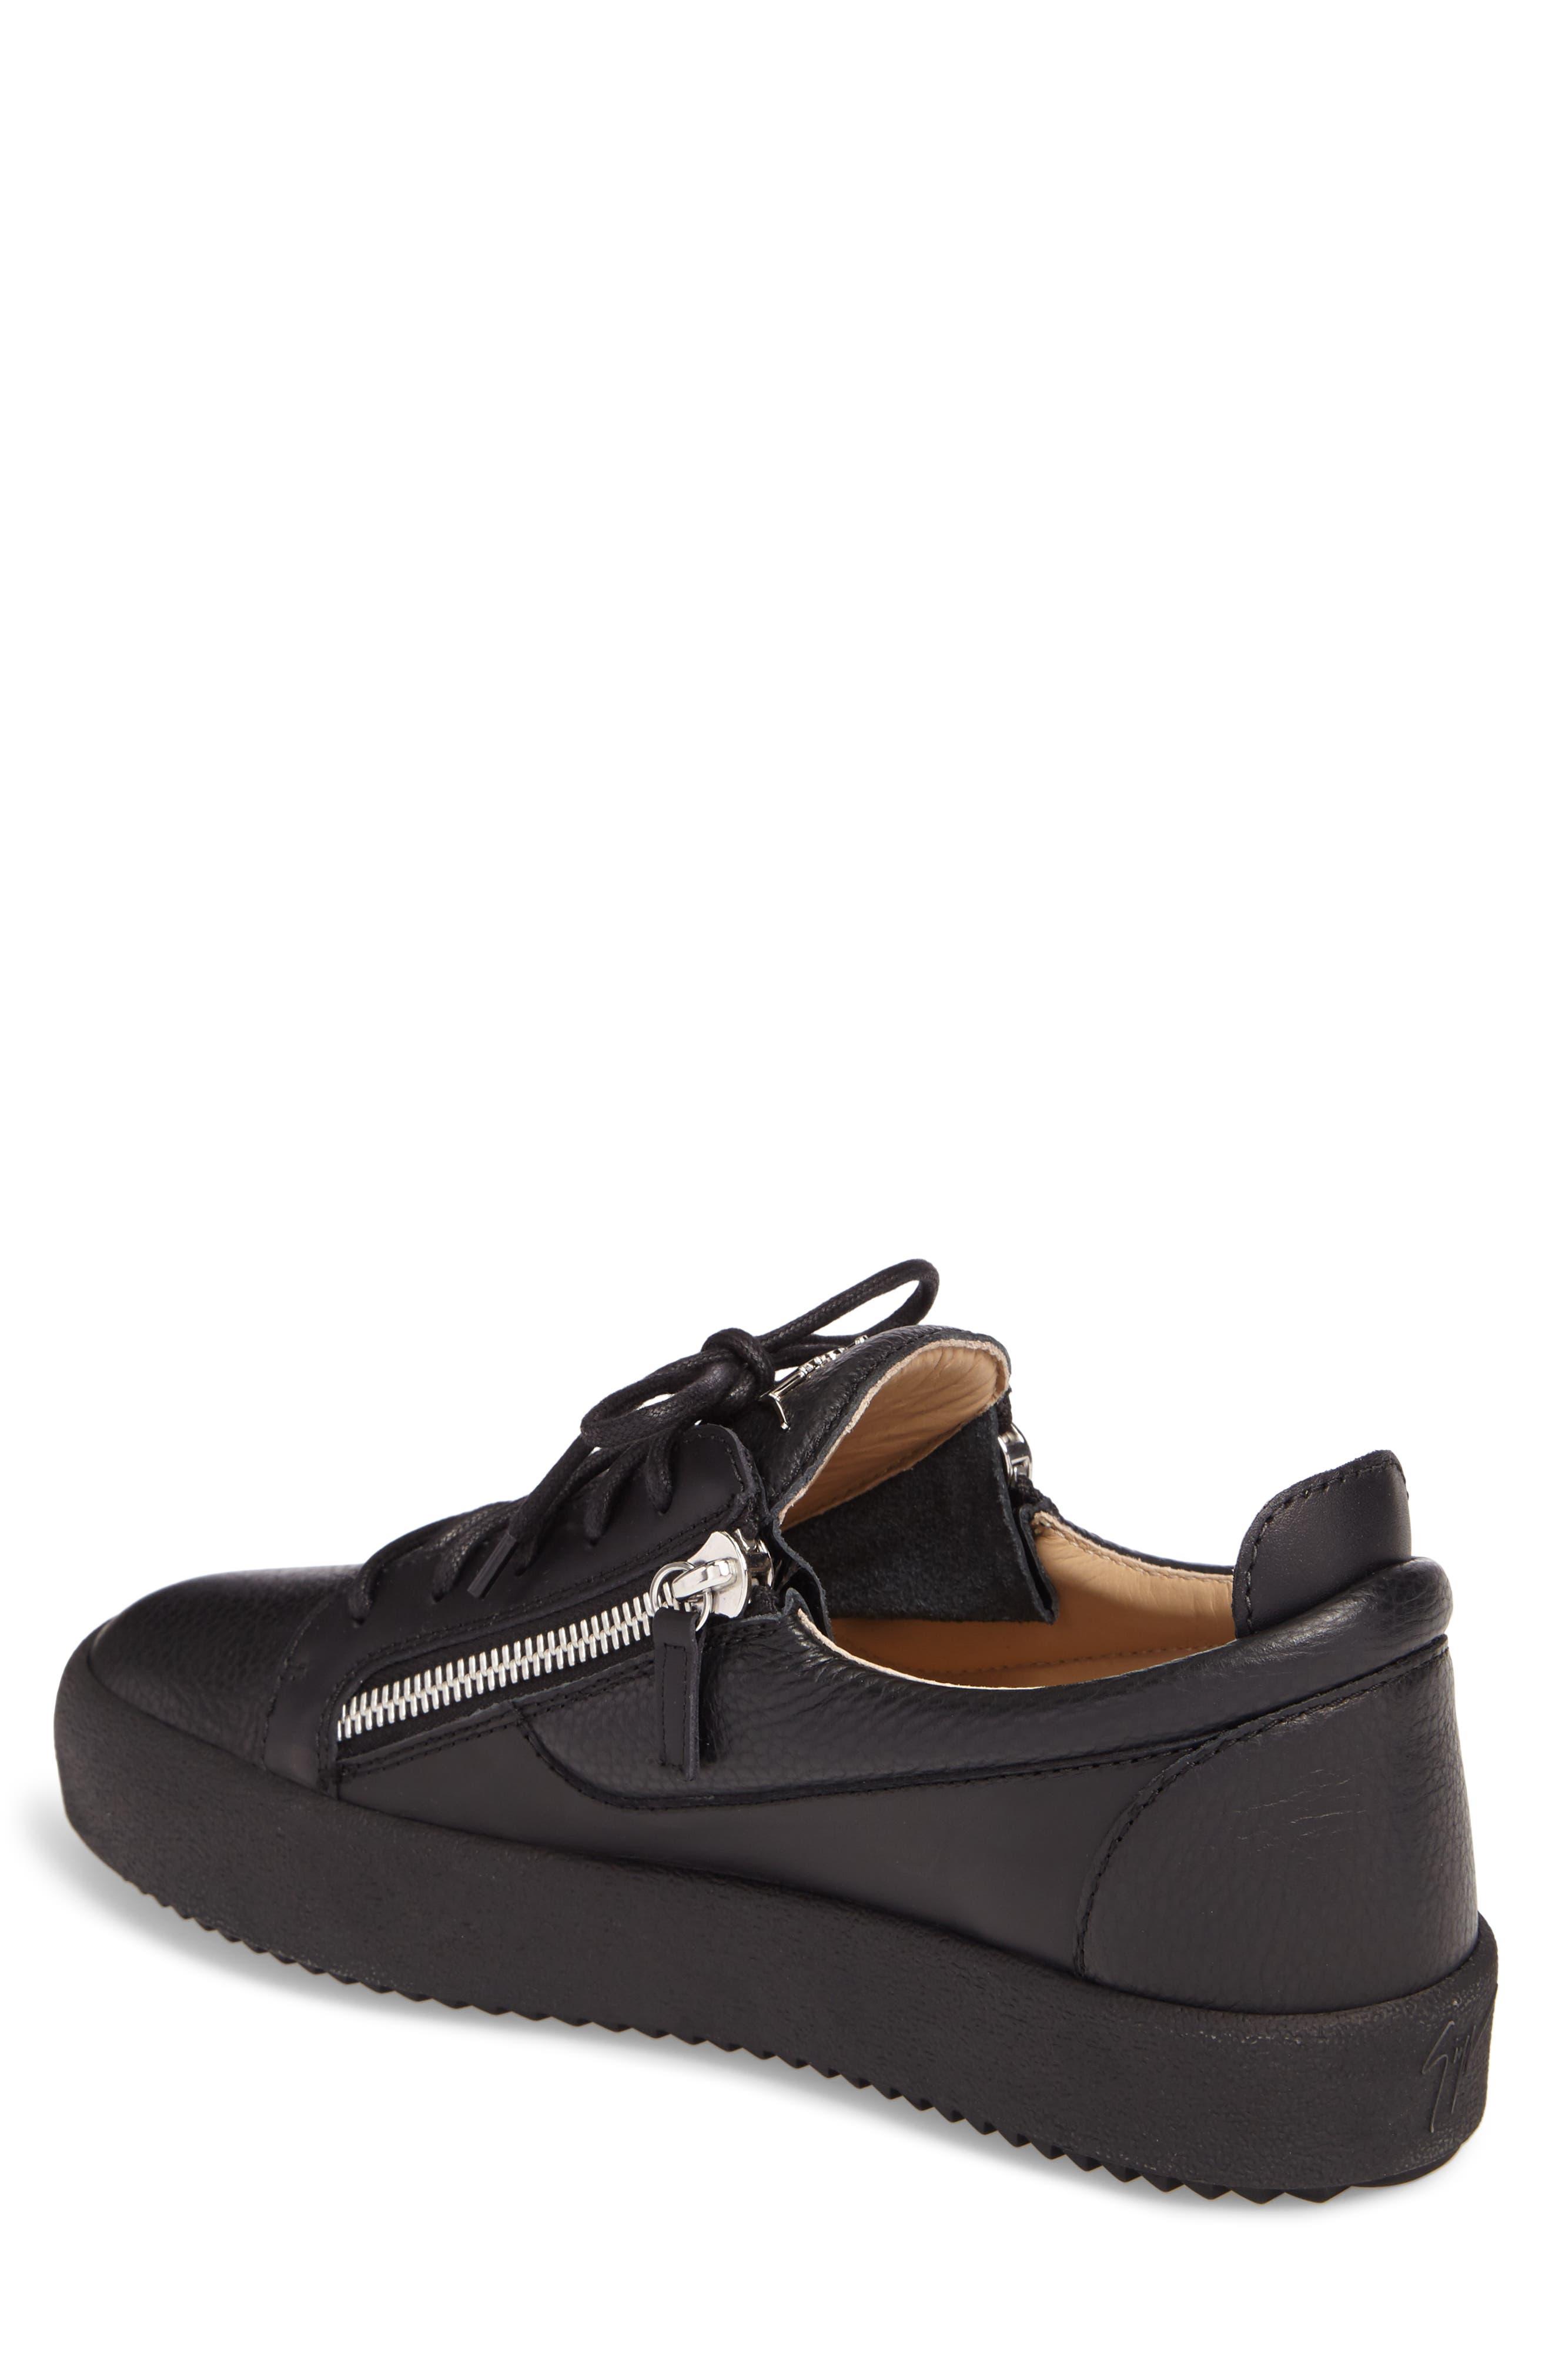 Low-Top Sneaker,                             Alternate thumbnail 2, color,                             Black